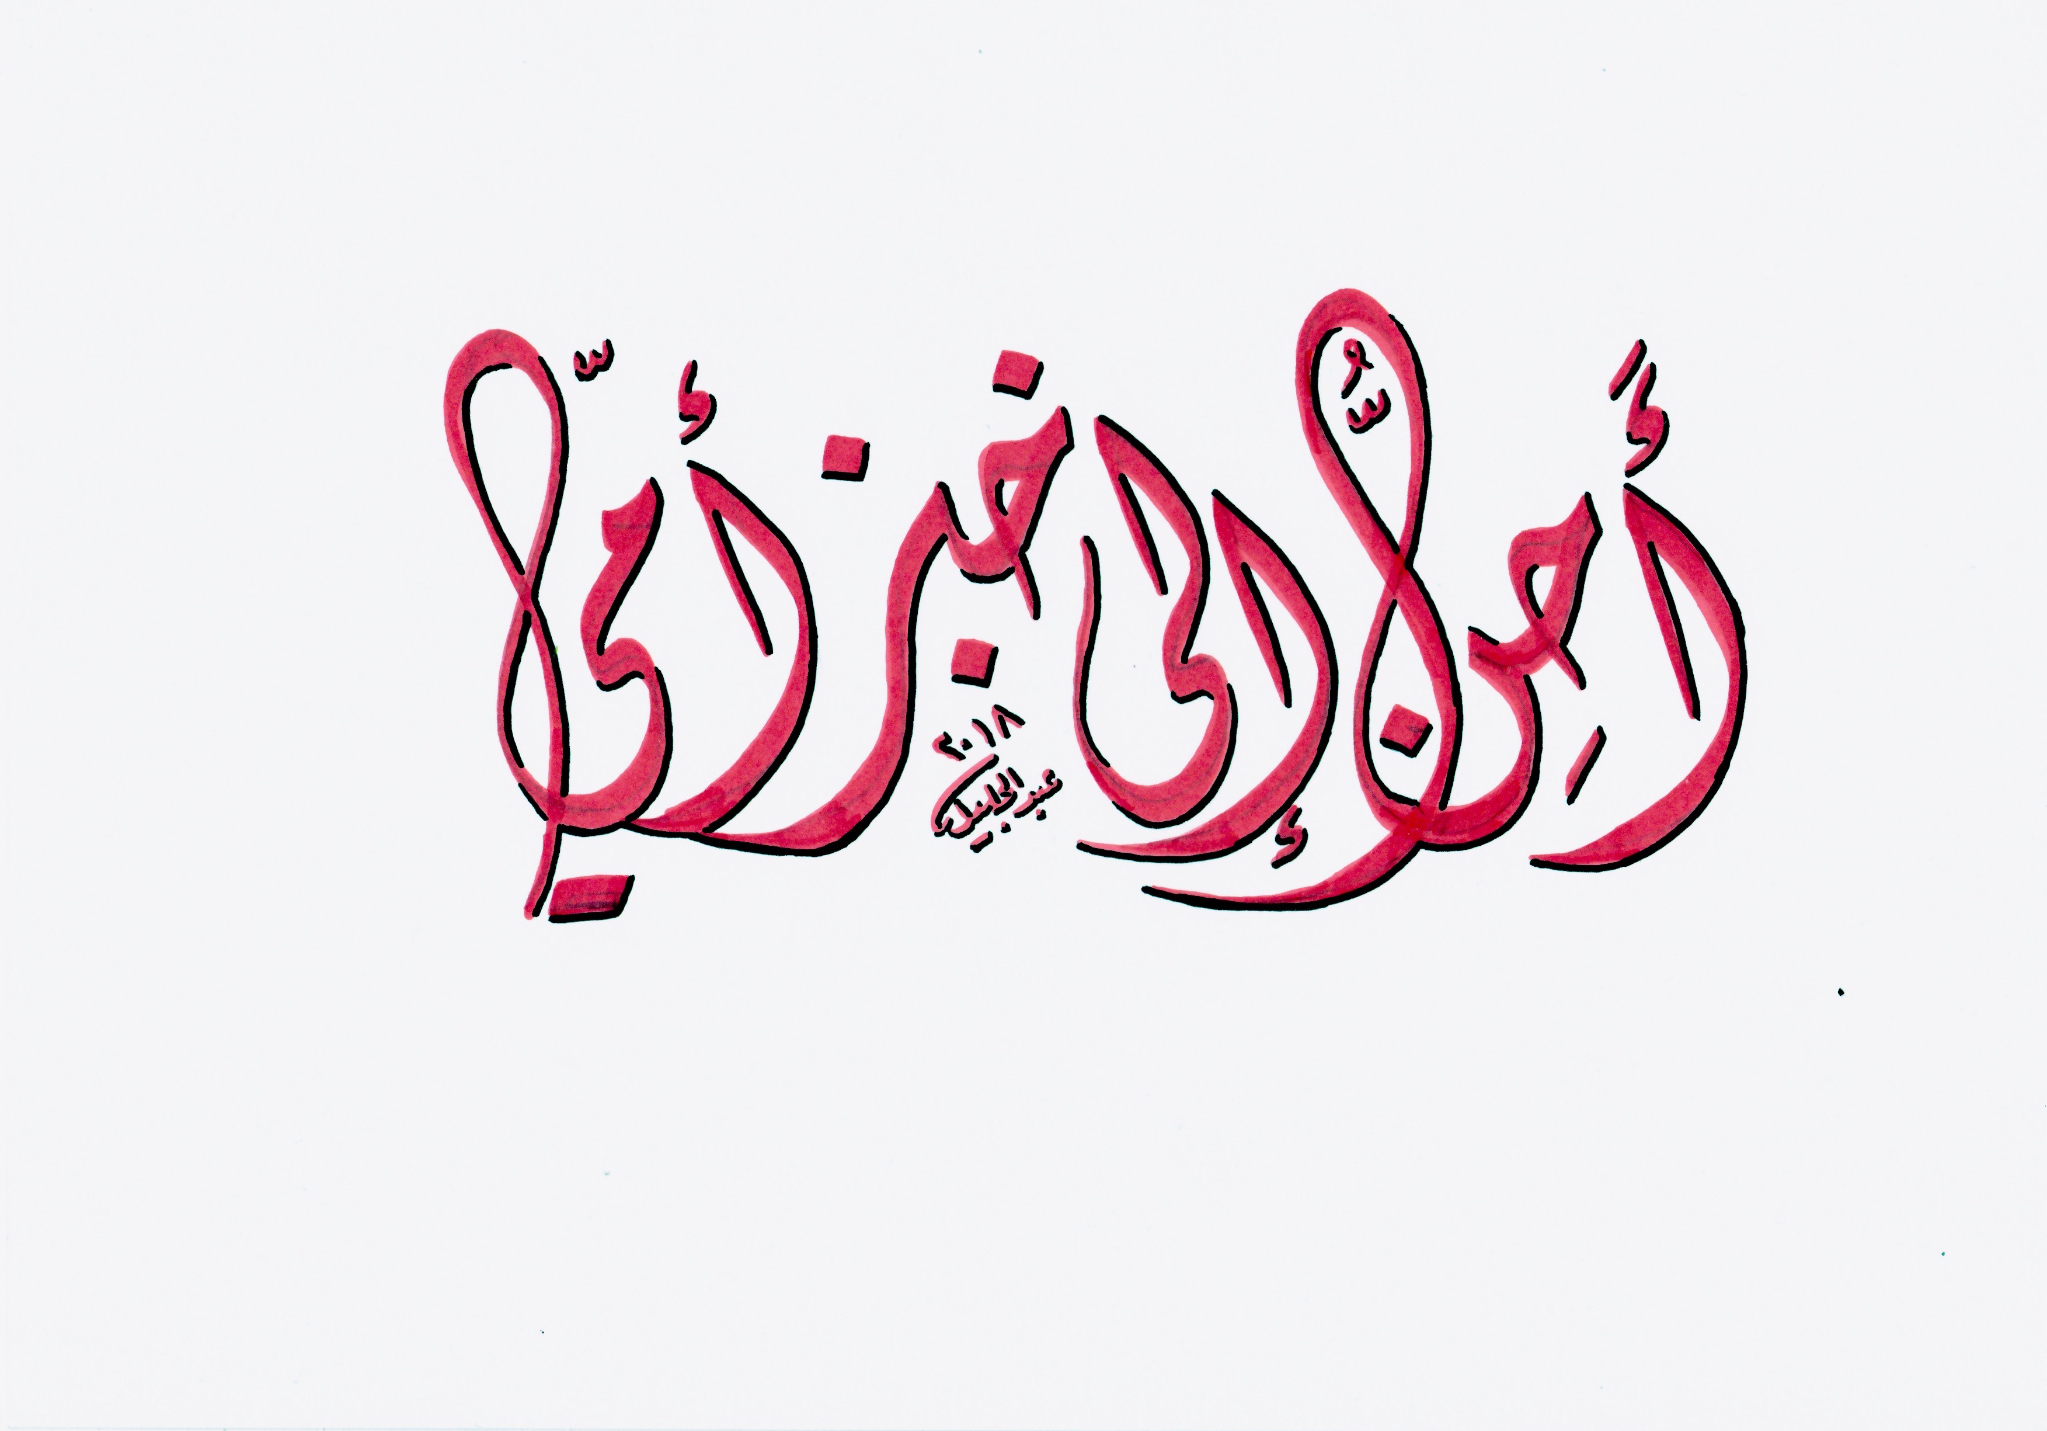 أحنّ إلى خبز أمي/ لوحة للخطاط عبد الجليل